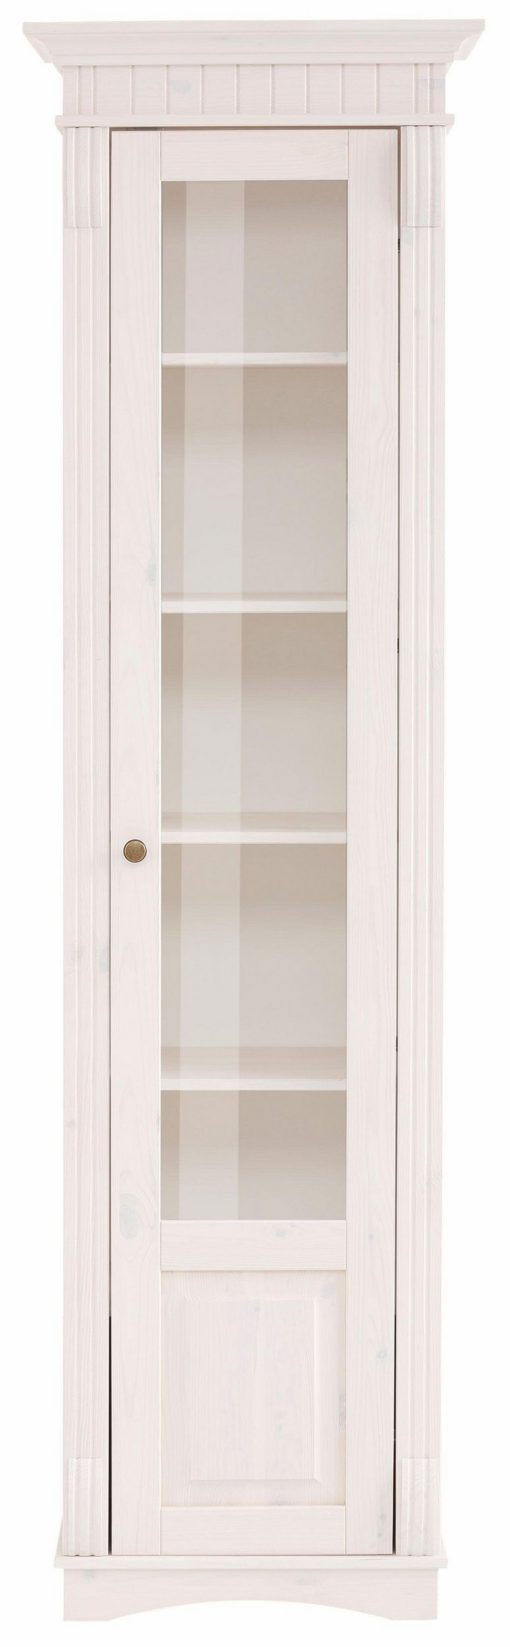 Pięknie zdobiona witryna z drewna sosnowego, biała